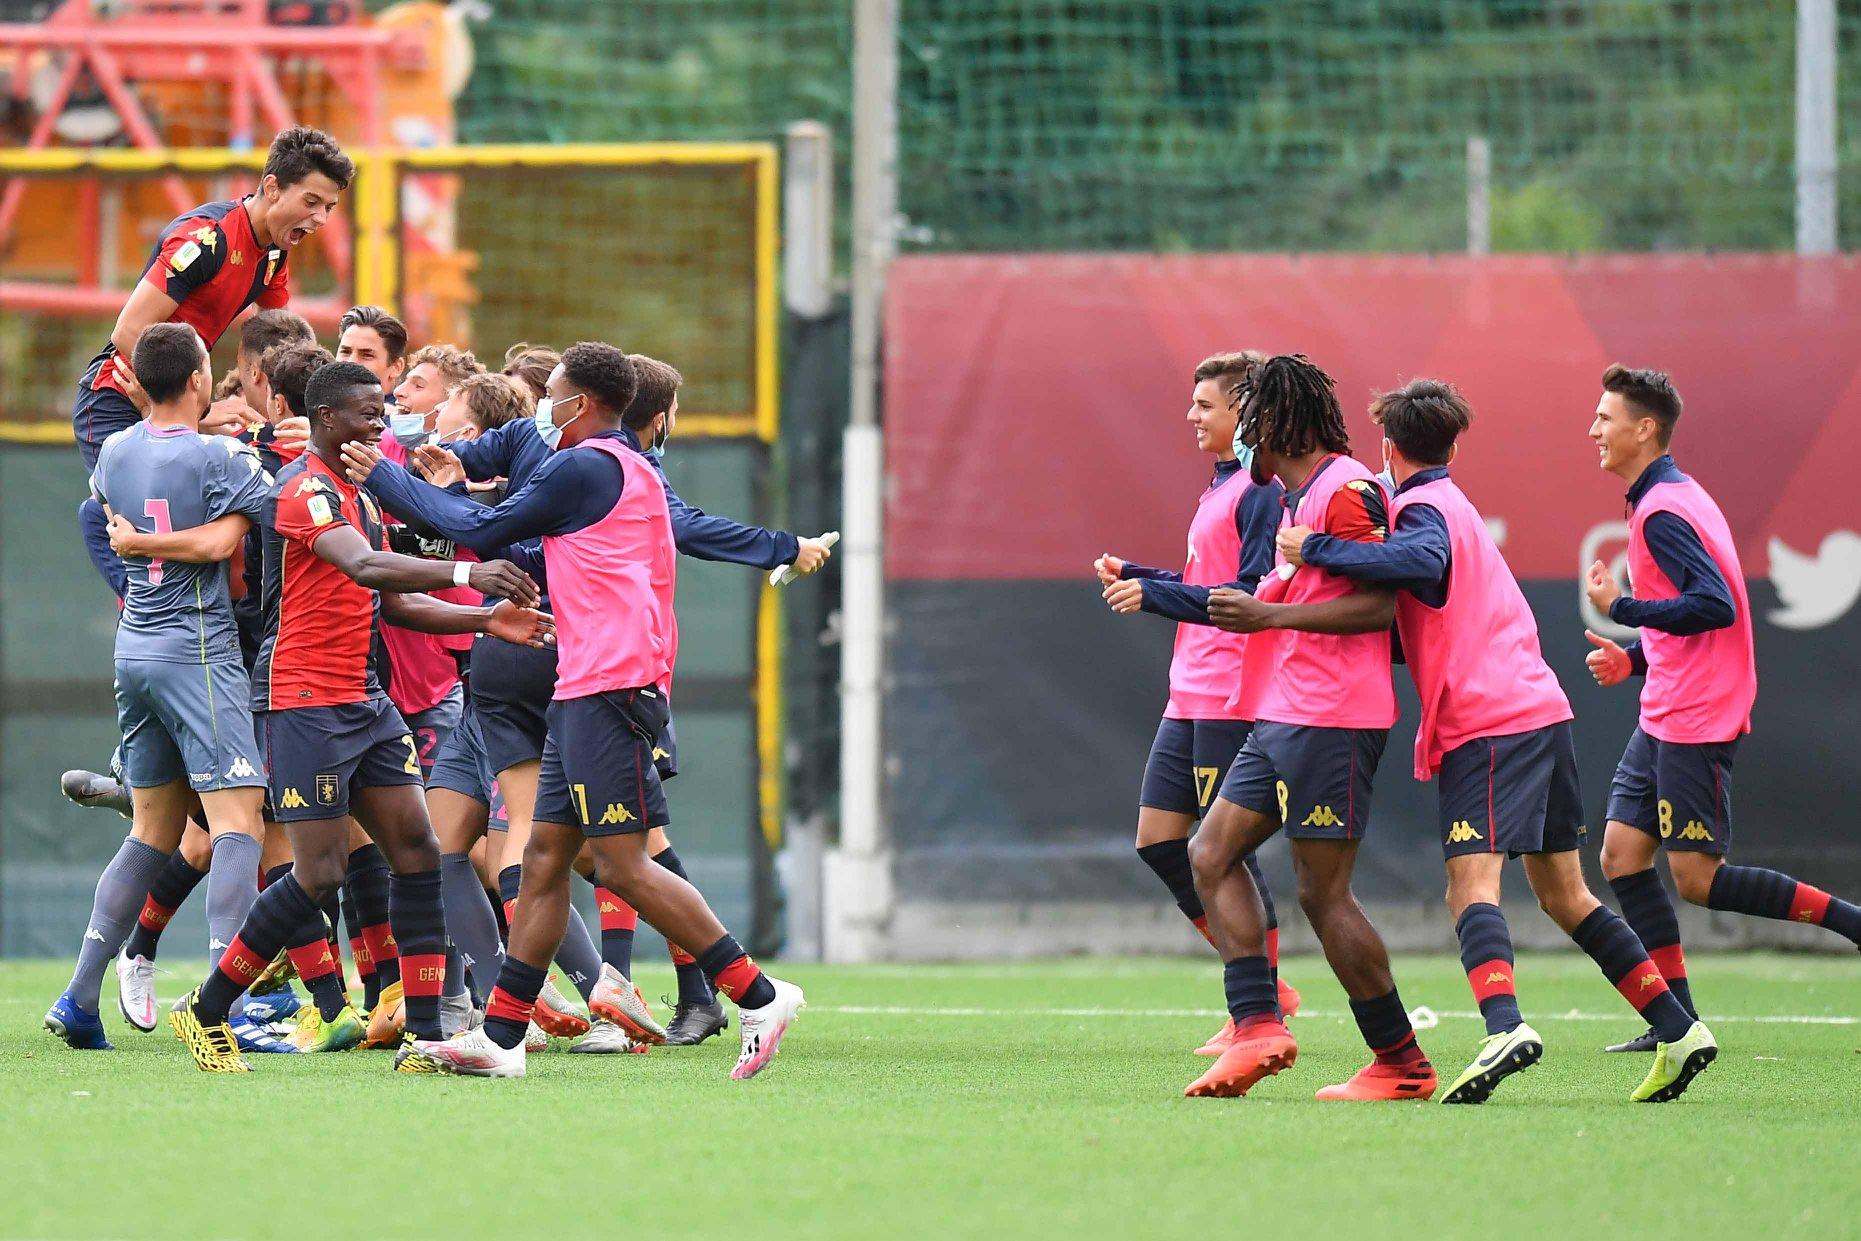 Genoa Primavera 2020-2021 Genoa-Parma